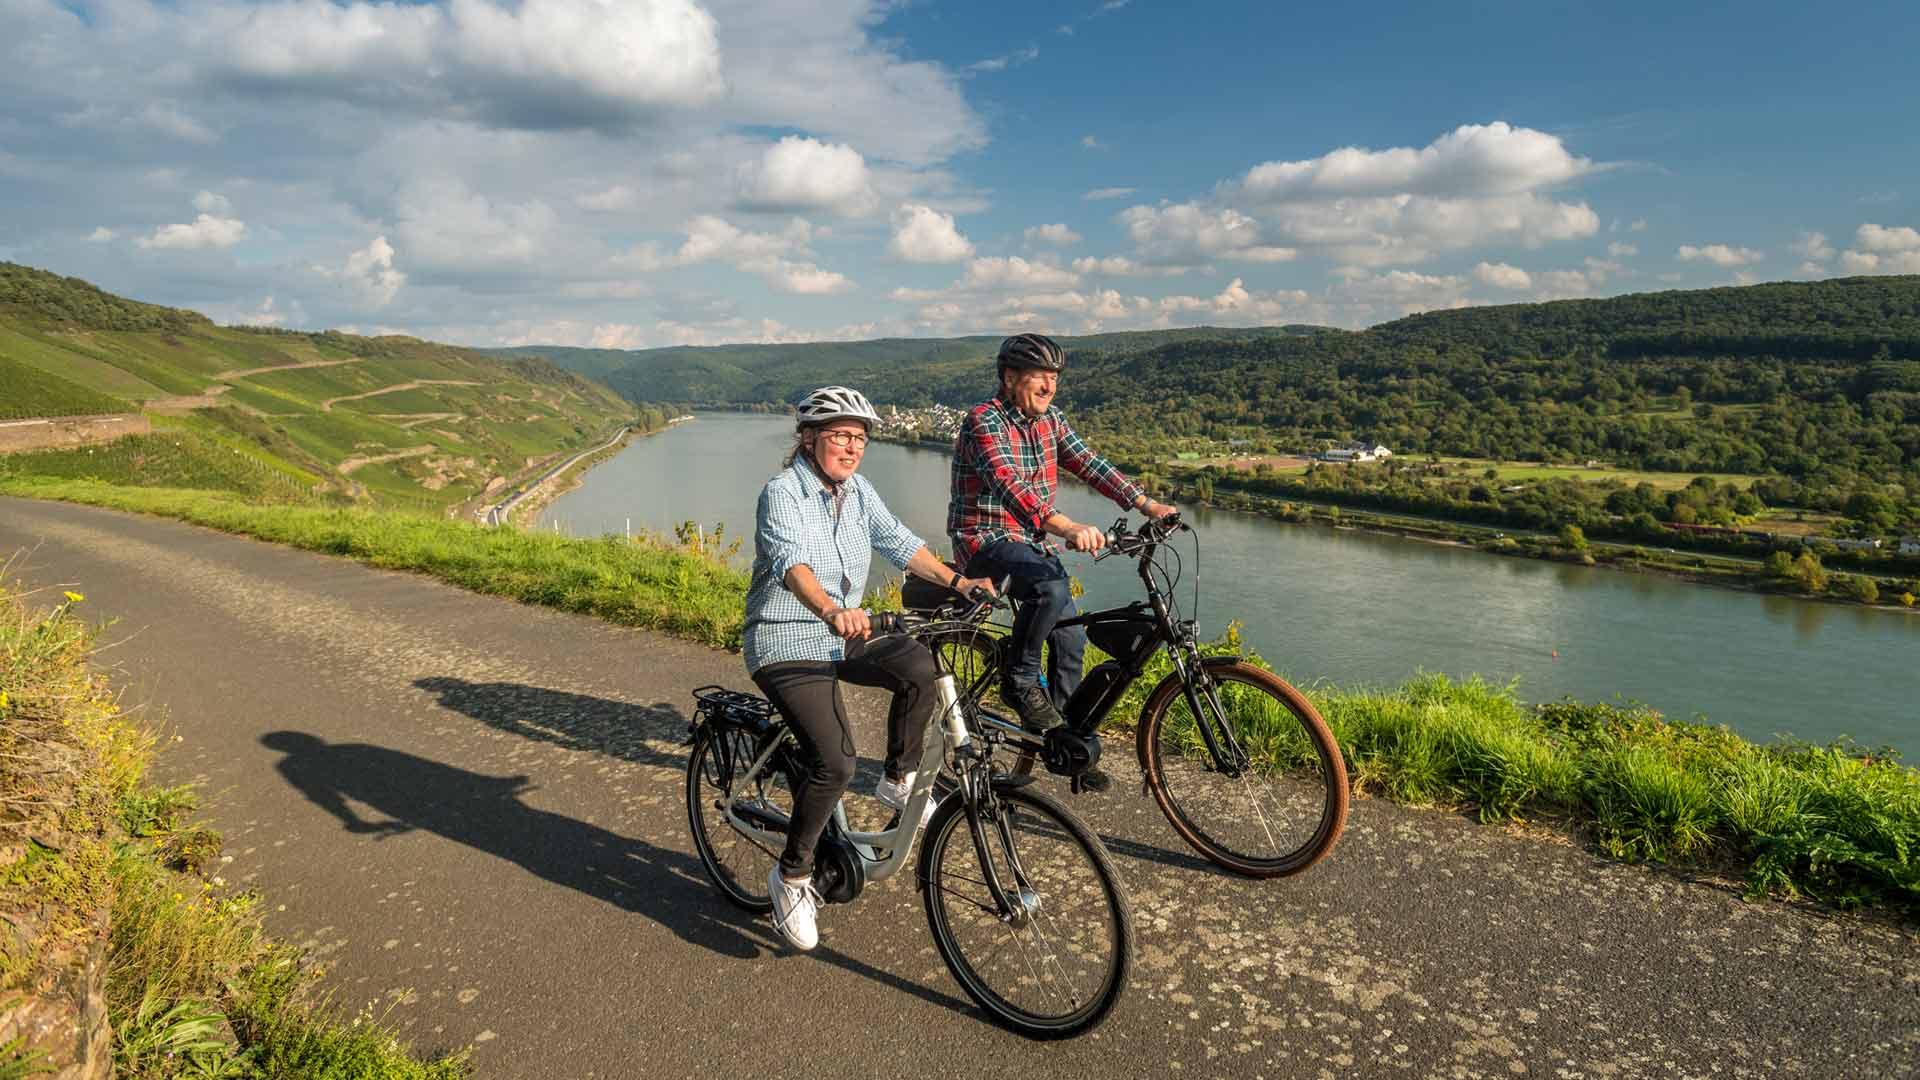 In de Bopparder Hamm kun je fietsen met uitzicht over de wijnbergen en de Rijn.